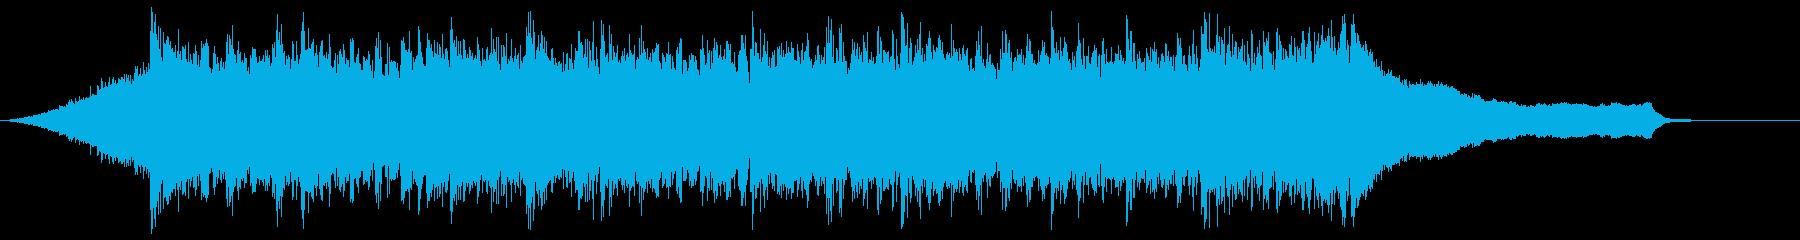 企業VPや映像98、オーケストラ、爽快cの再生済みの波形